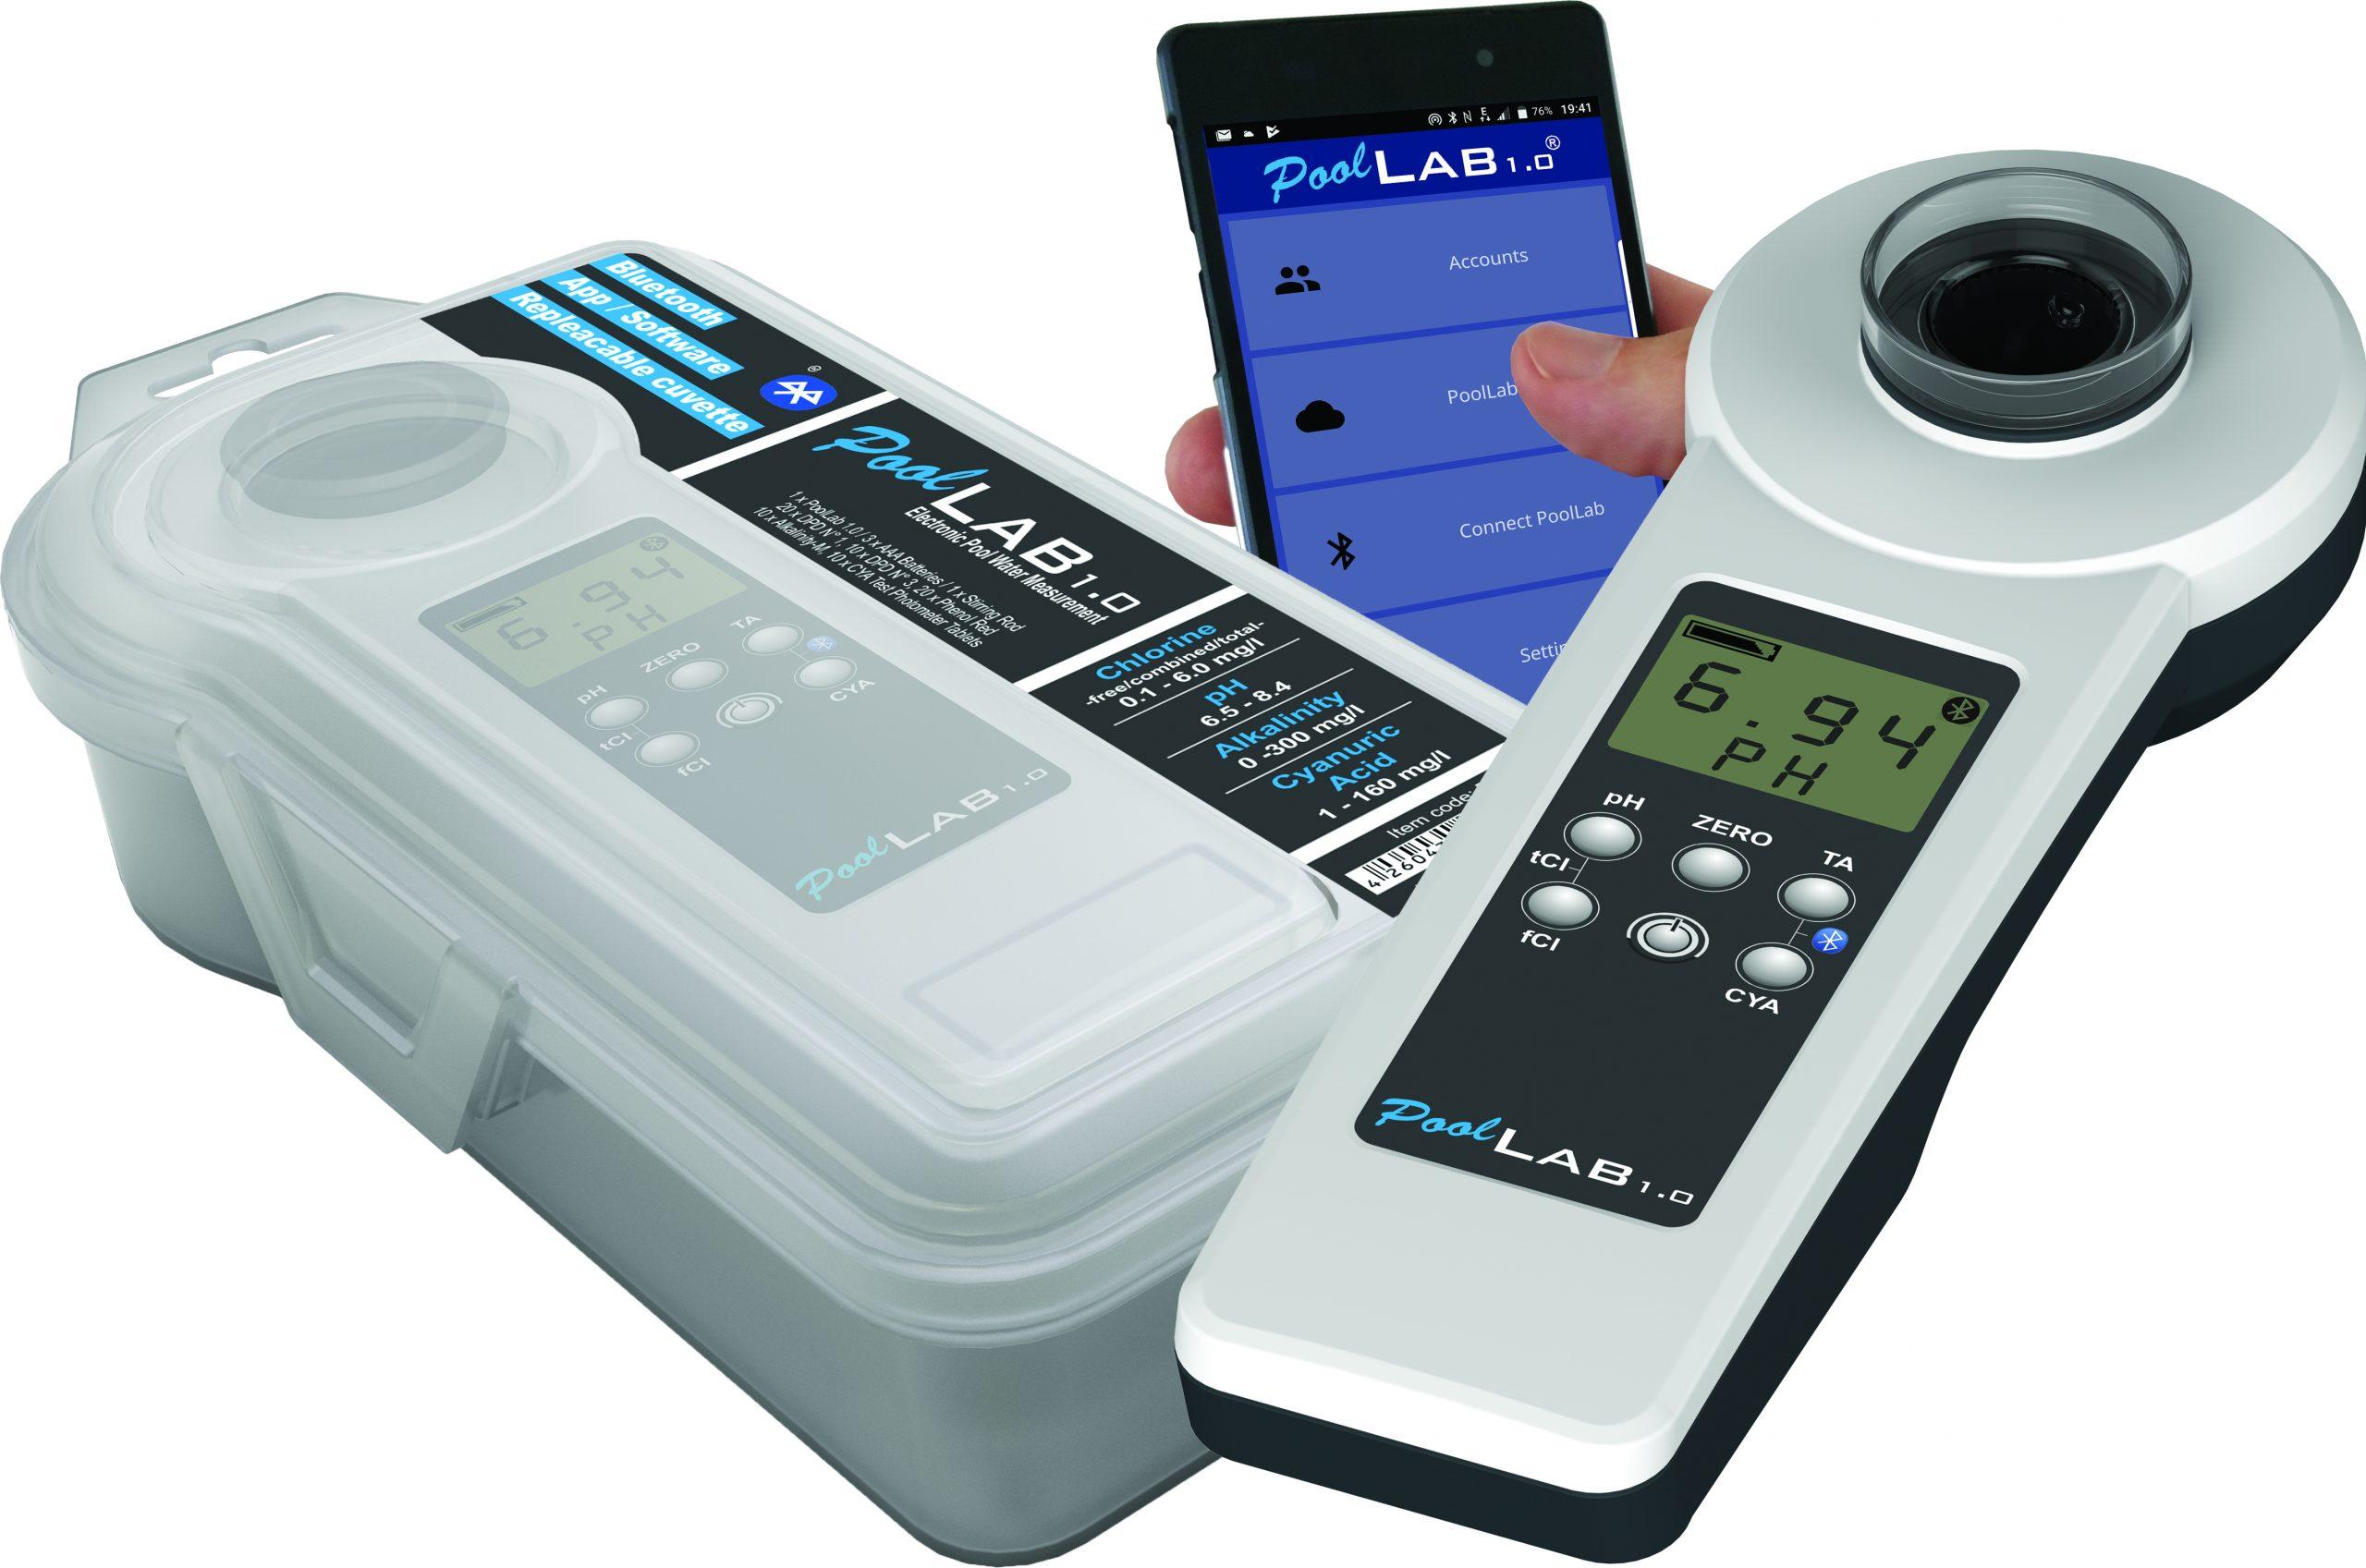 Testeur Électronique Pour Piscines - Photomètre Pool-Lab 1.0 serapportantà Photomètre Piscine